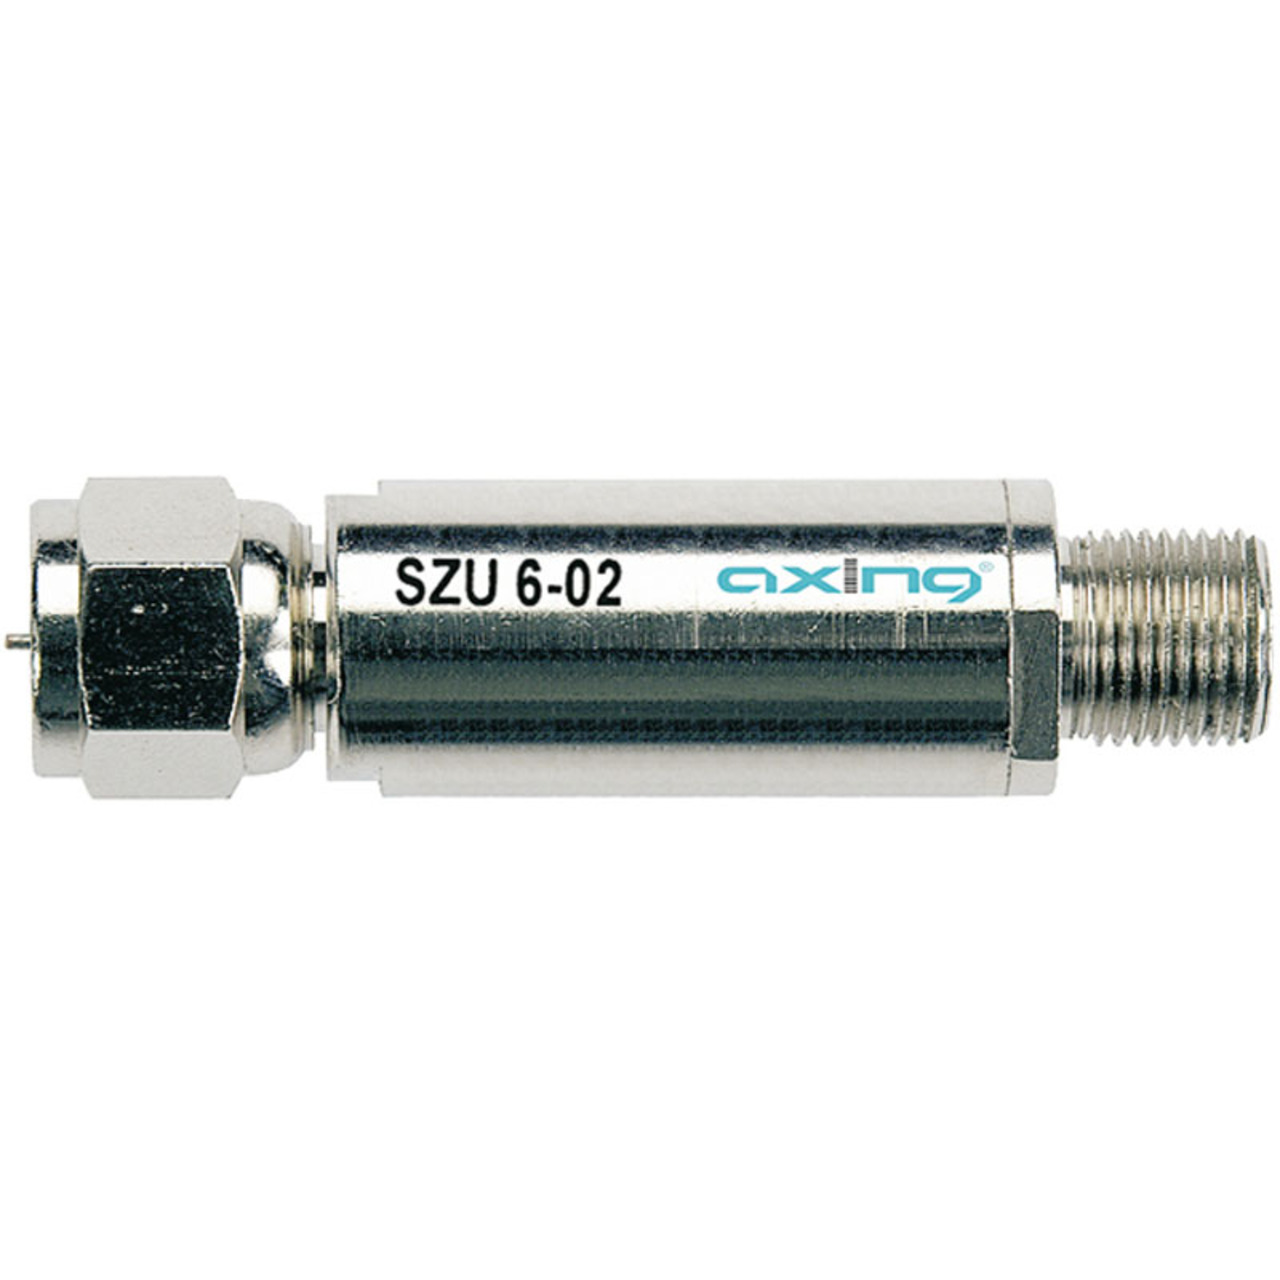 Axing Überspannungsschutz SZU 6-02- F-Stecker-Buchse